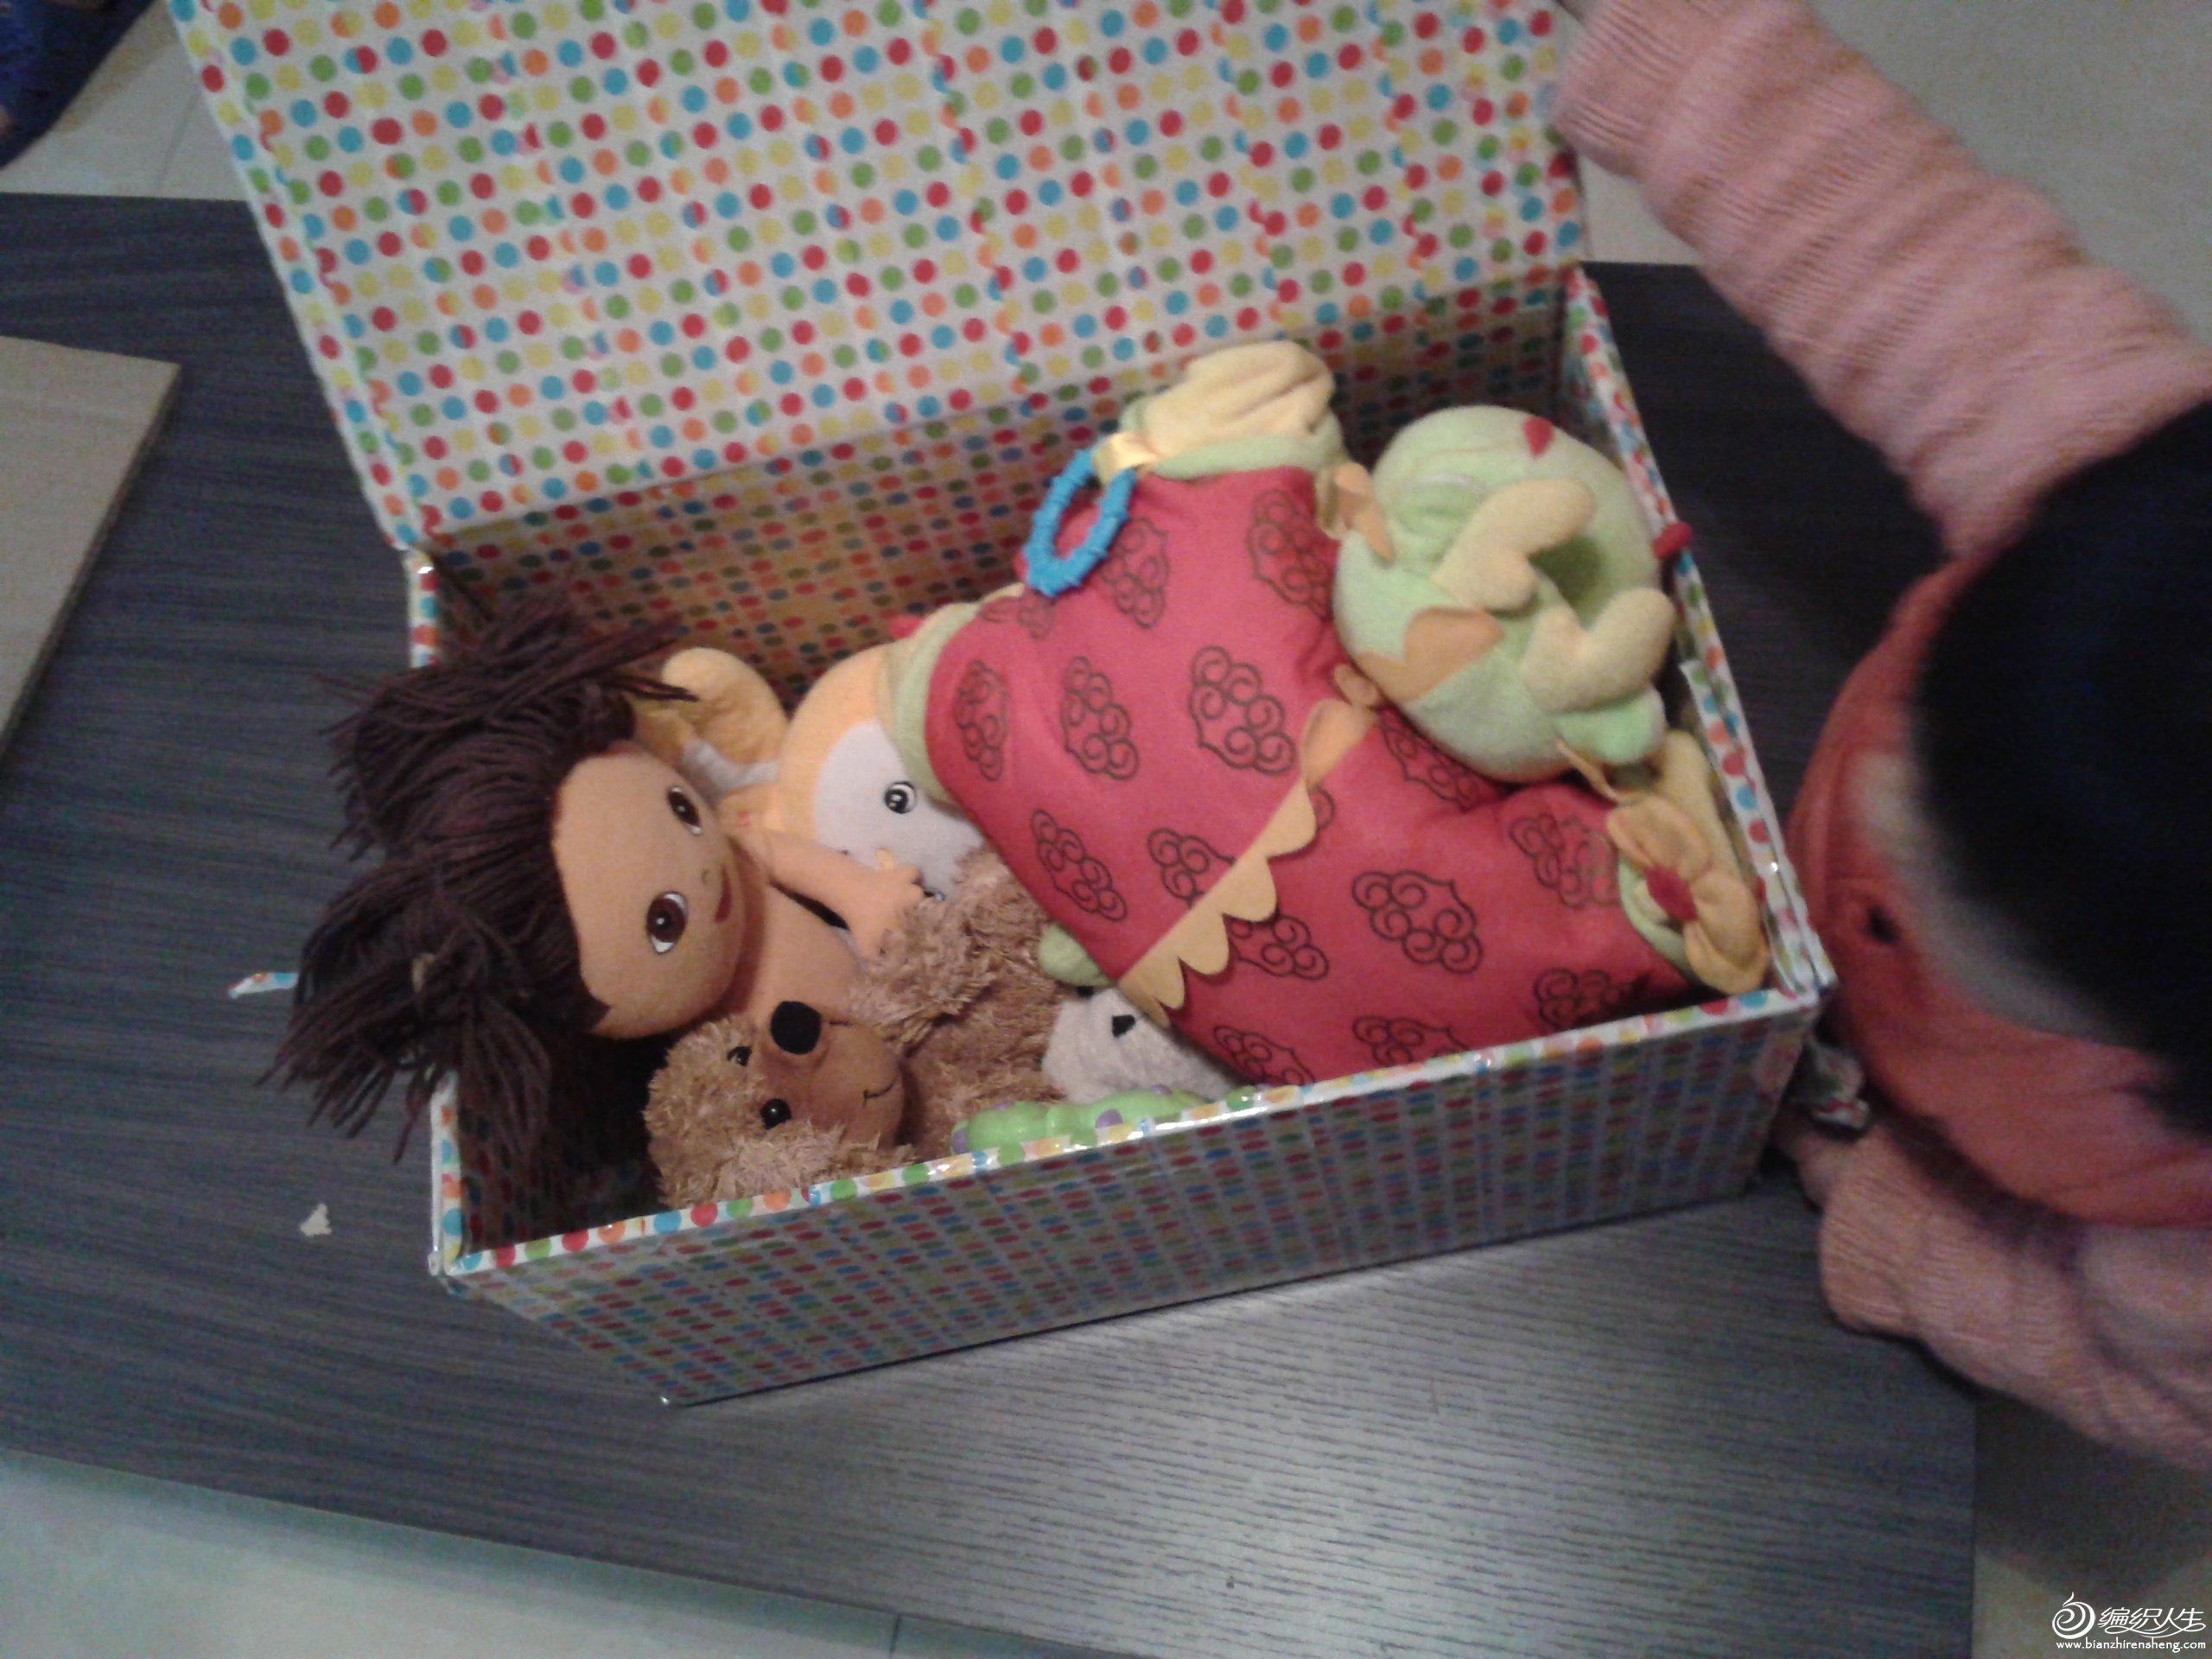 大功吿成,女儿很开心的把玩具放进去了,容量很大的。